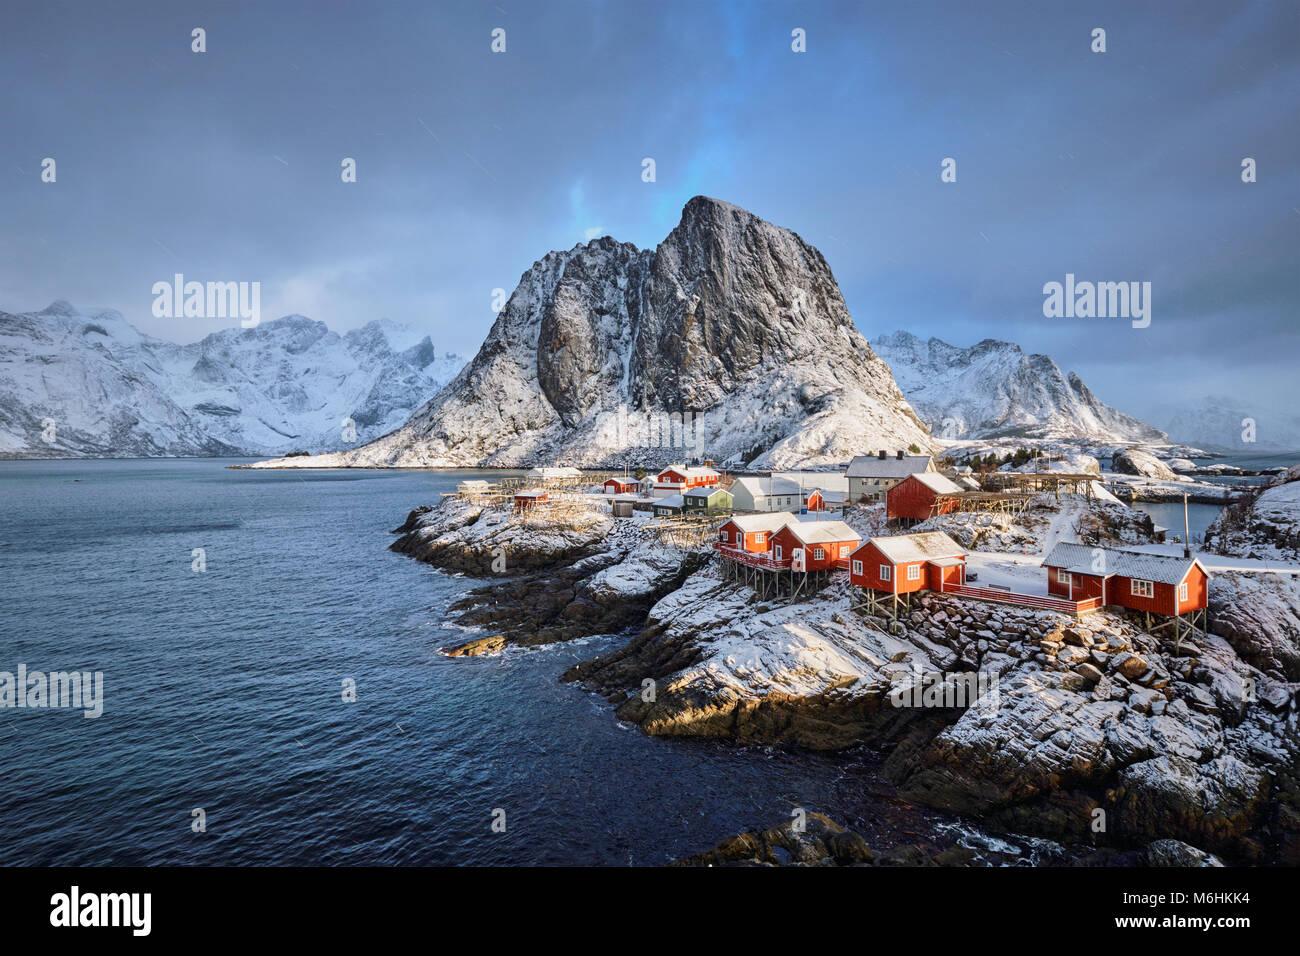 Hamnoy poblado pesquero en las islas Lofoten, Noruega Imagen De Stock